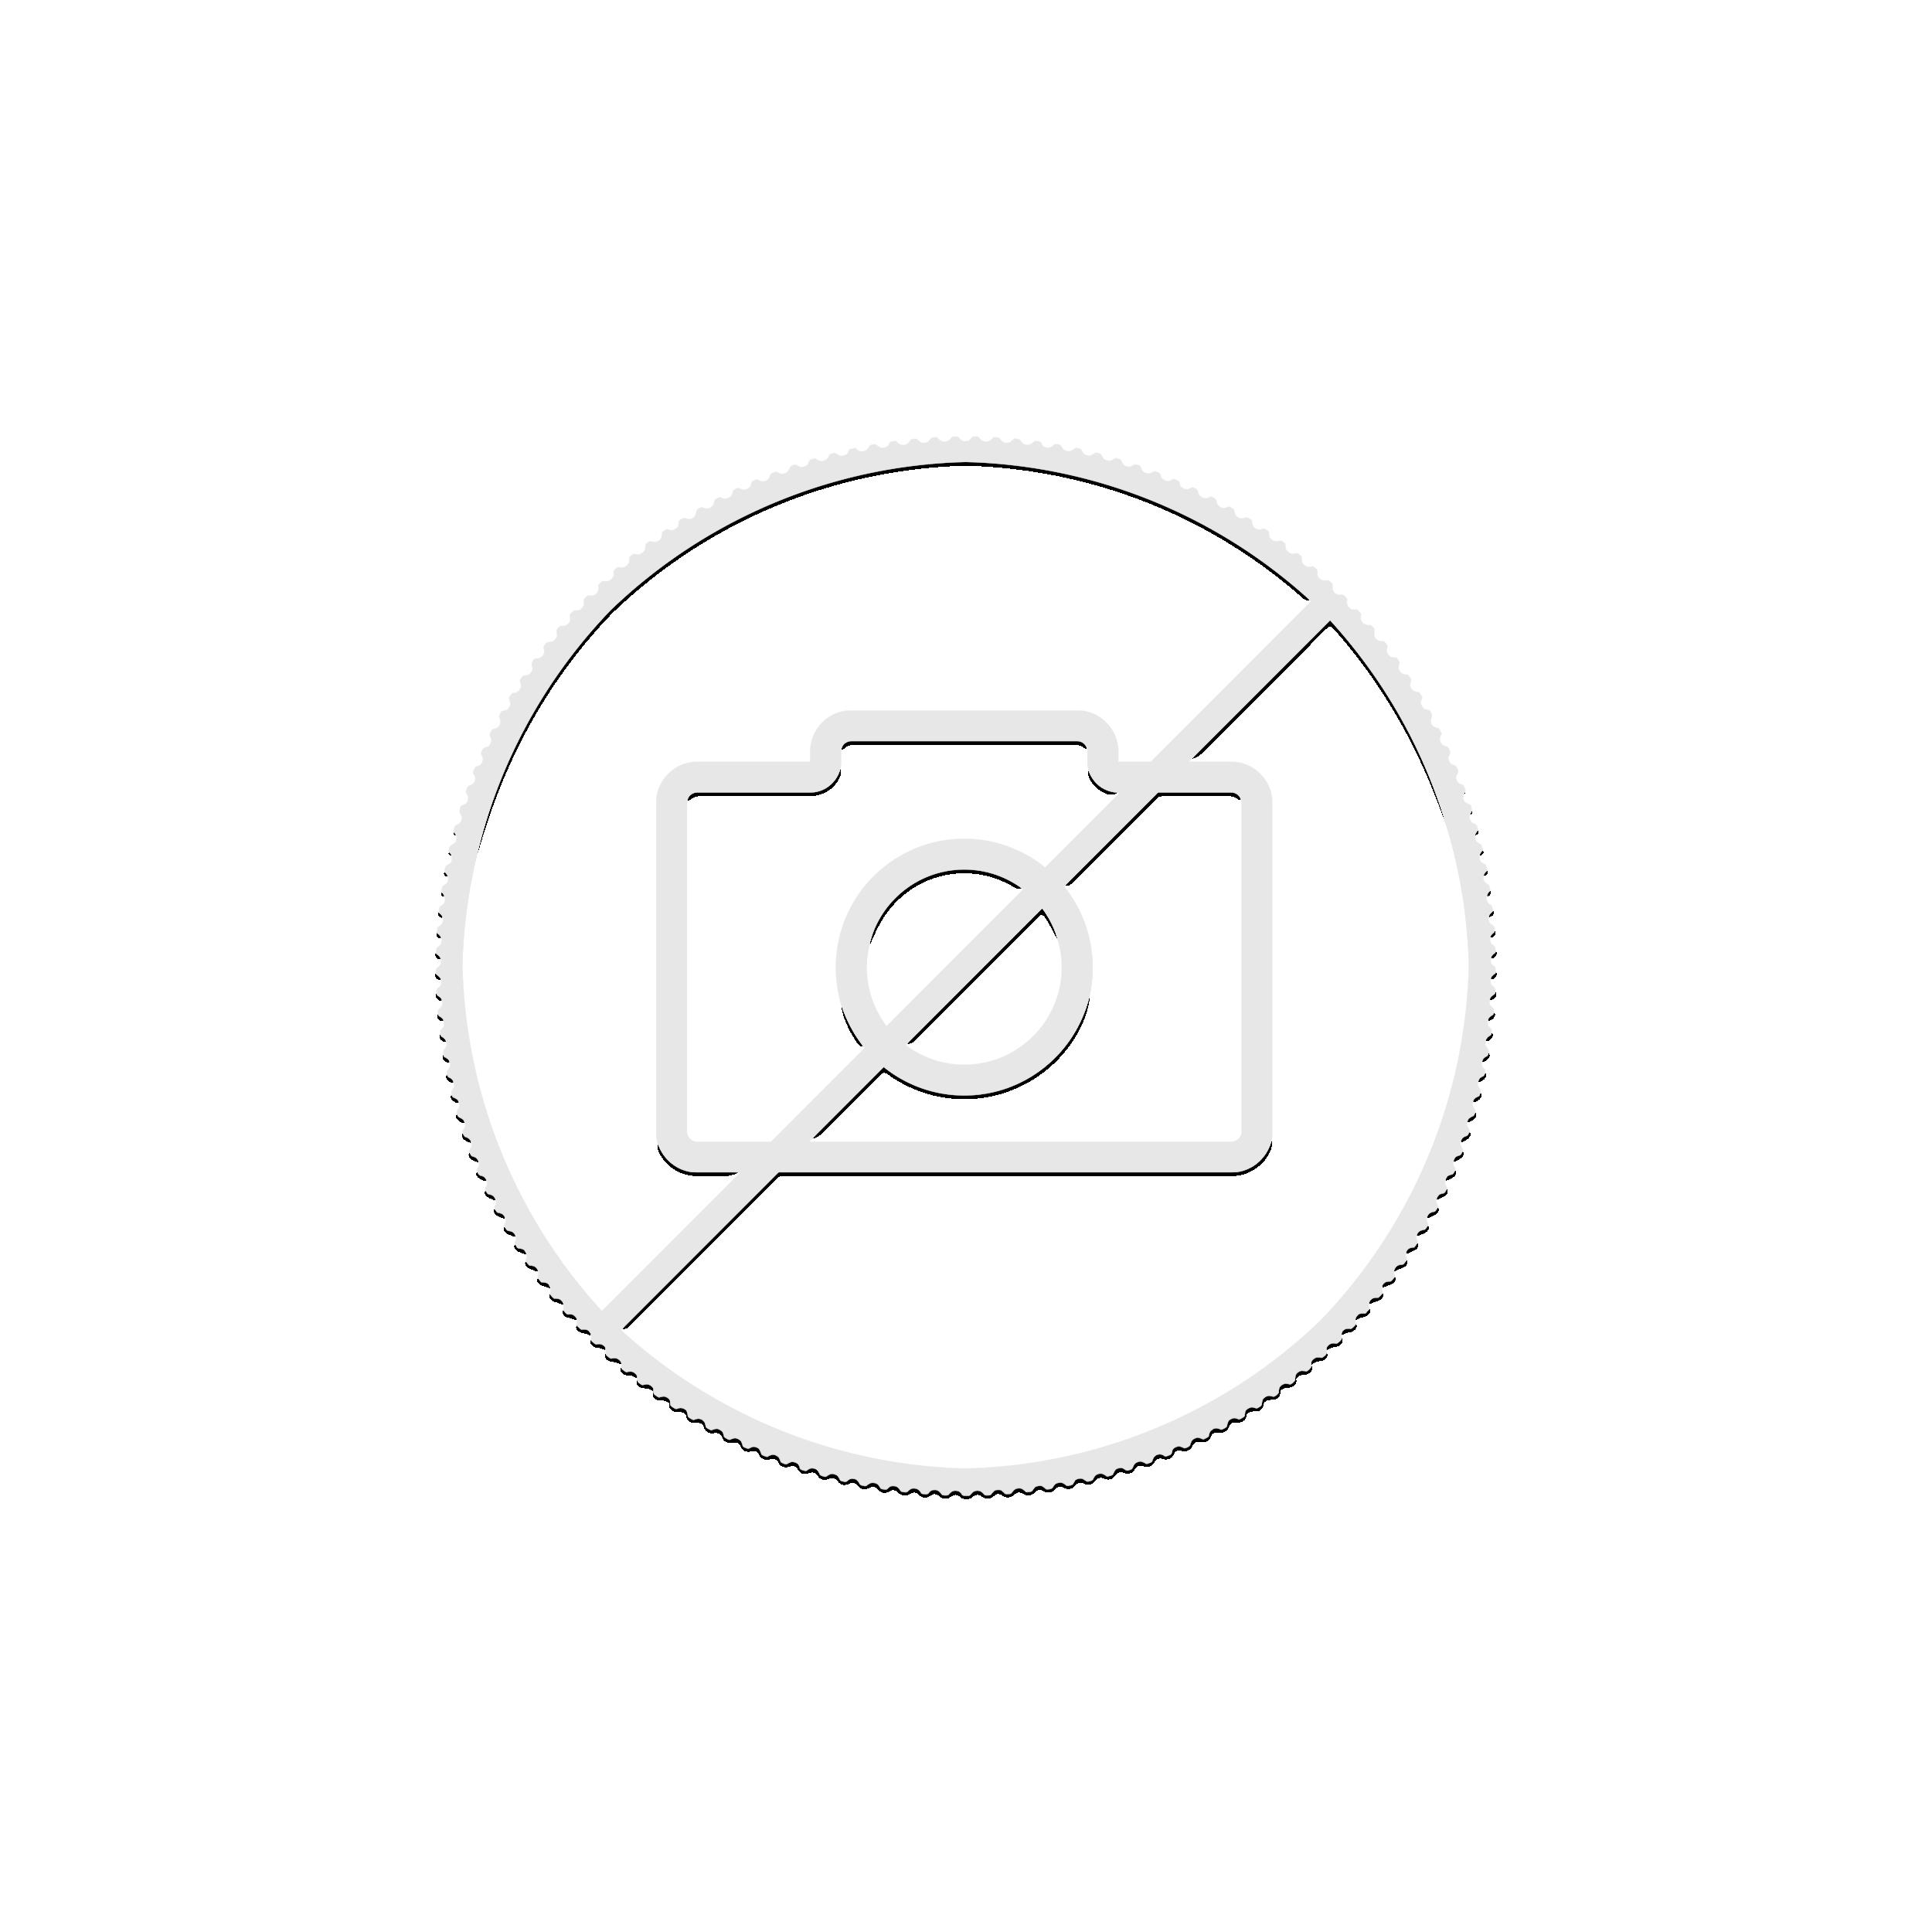 1 troy ounce silver coin Saint Helena angel gilded 2021